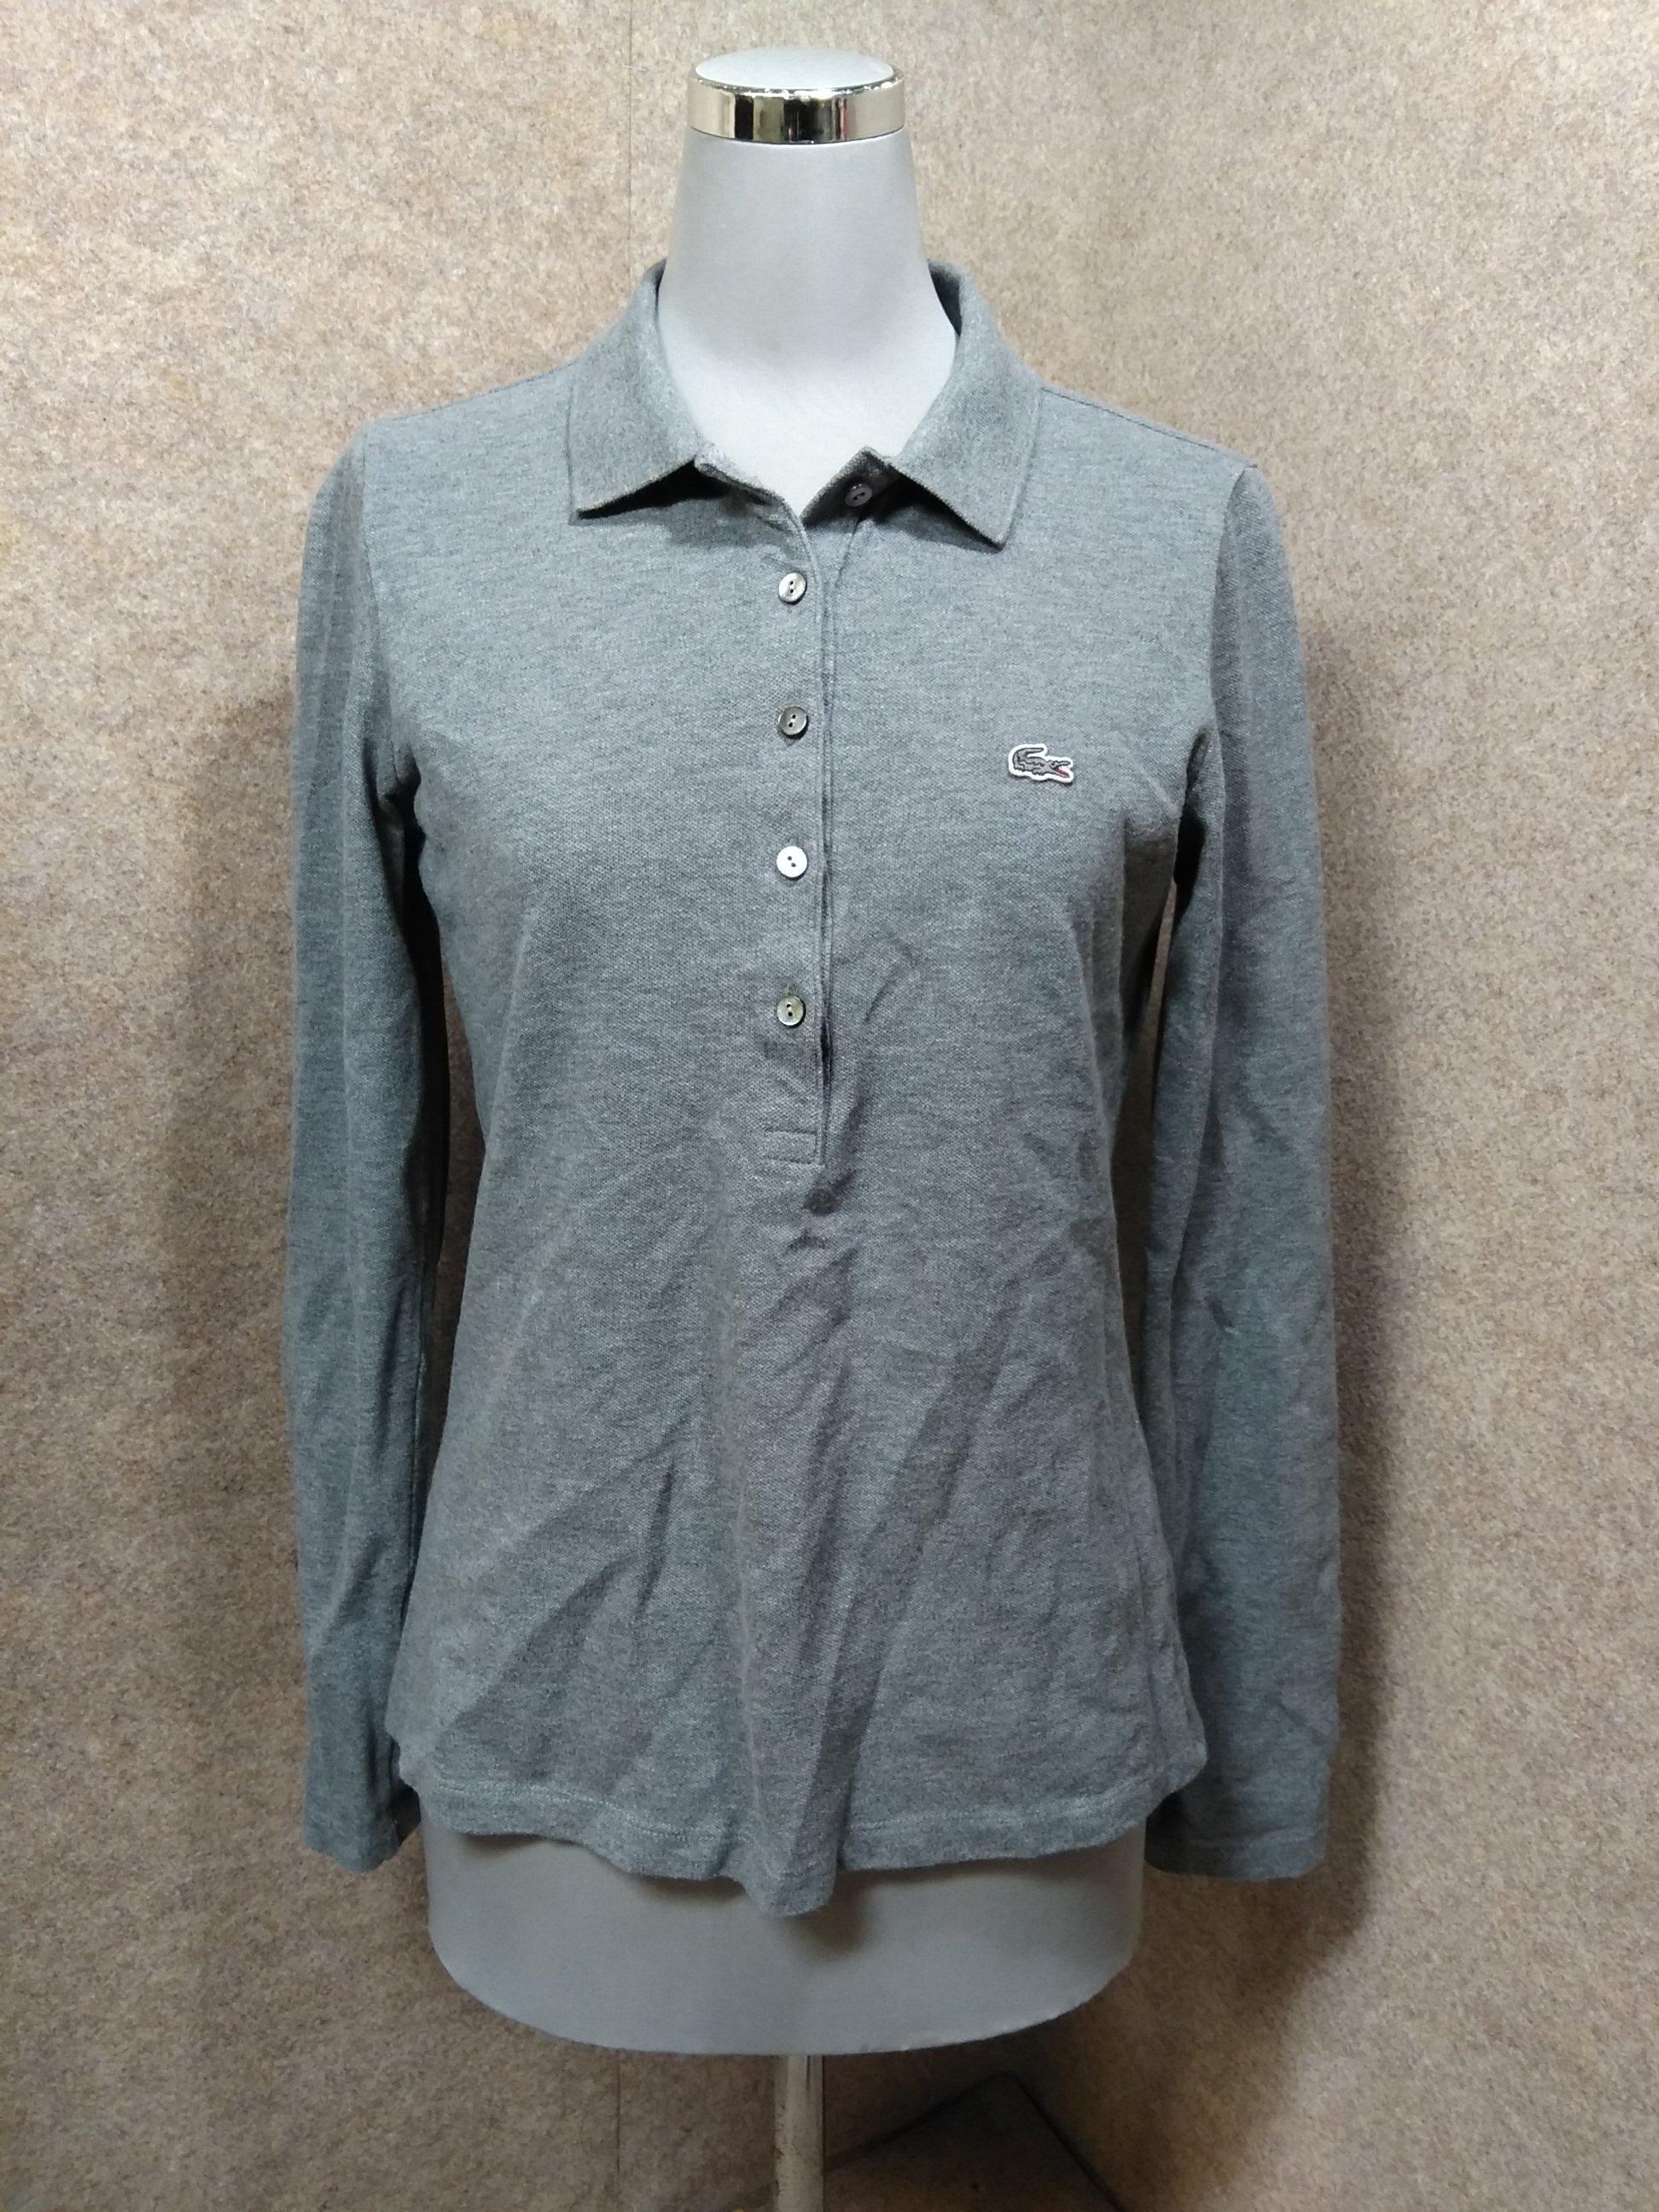 ラコステ レディース ポロシャツ 長袖 36 グレー y1407j